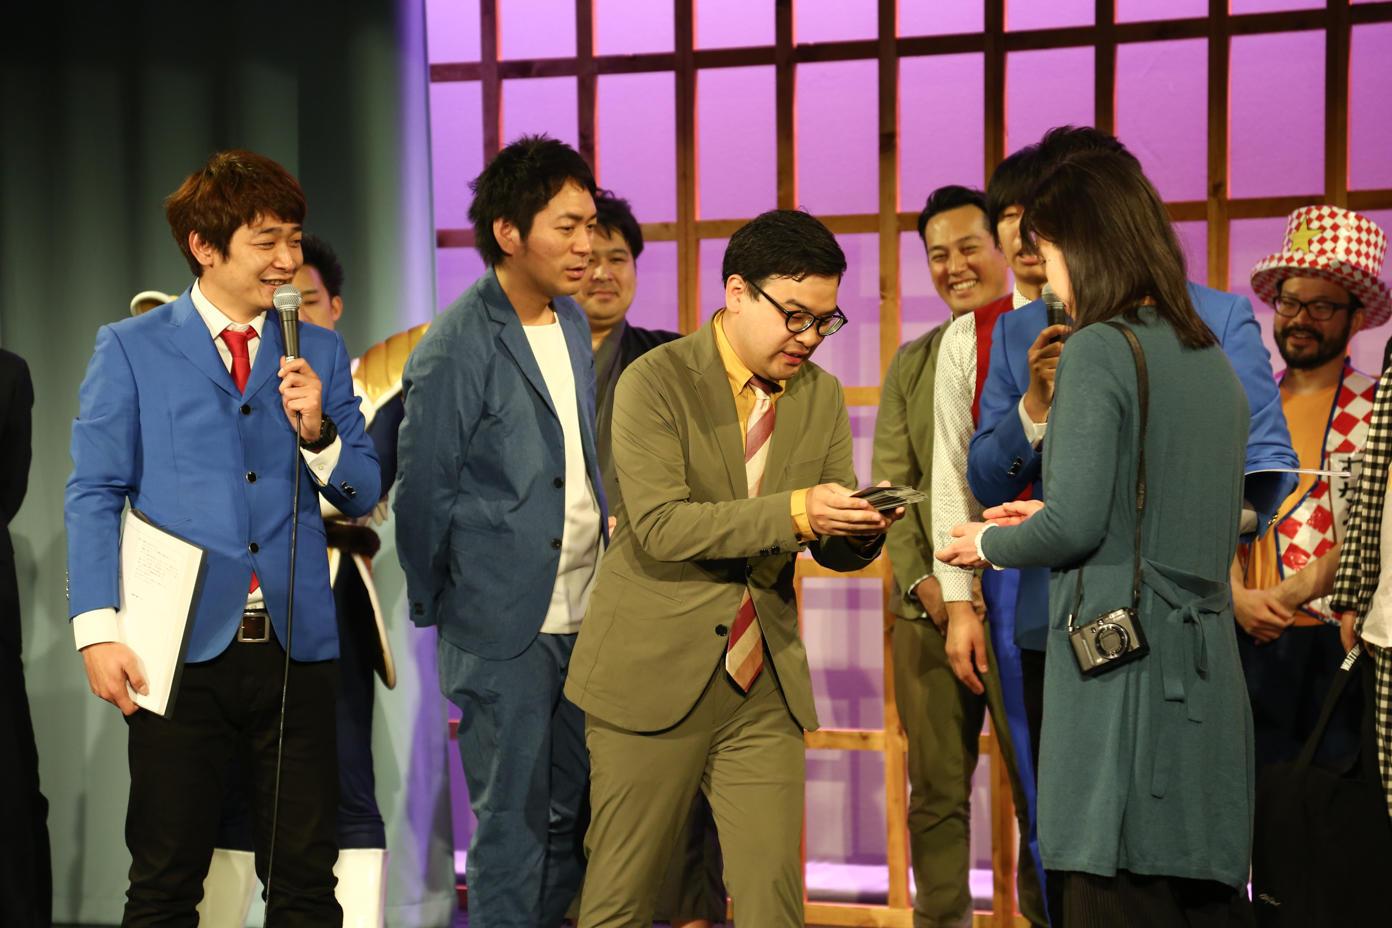 http://news.yoshimoto.co.jp/20180329150636-62b5d4baef82b748f70e4769779b82d42eaa5990.jpg